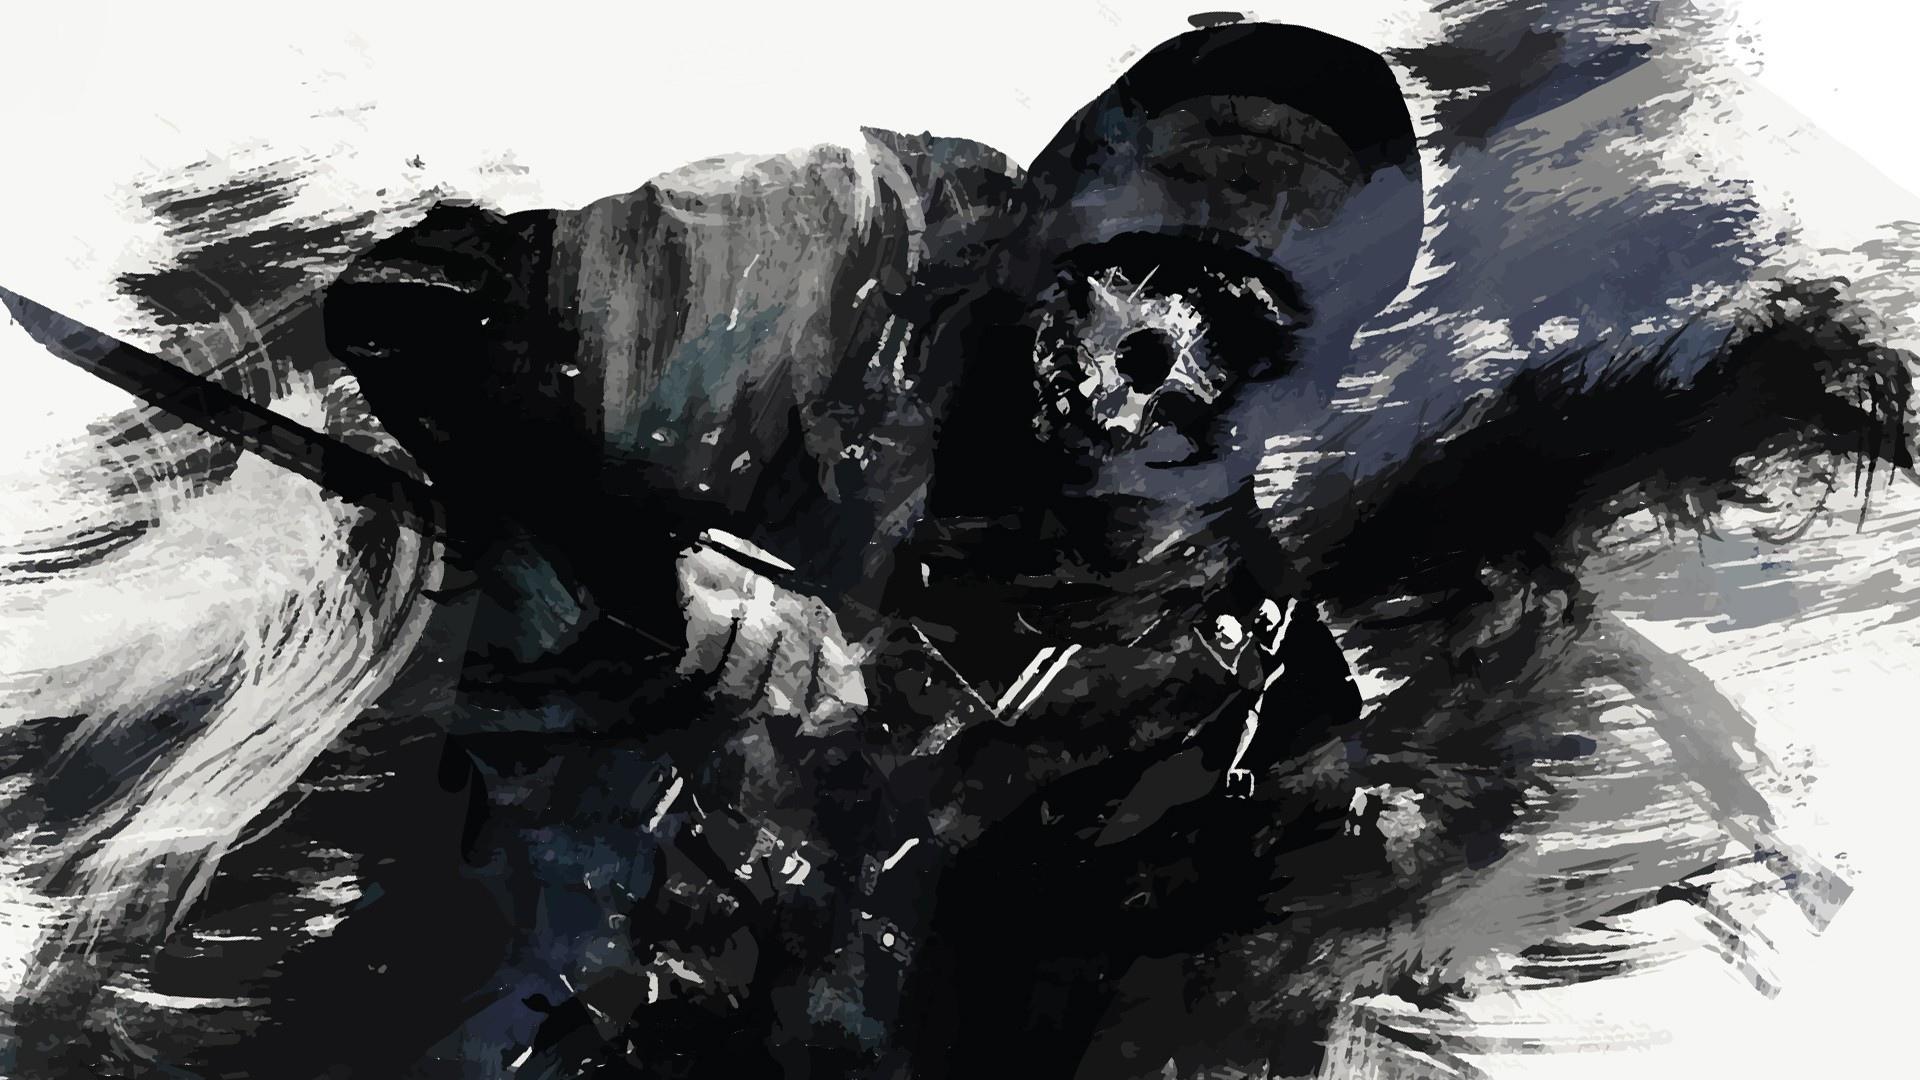 Dishonored Wallpaper Full Hd ~ Sdeerwallpaper